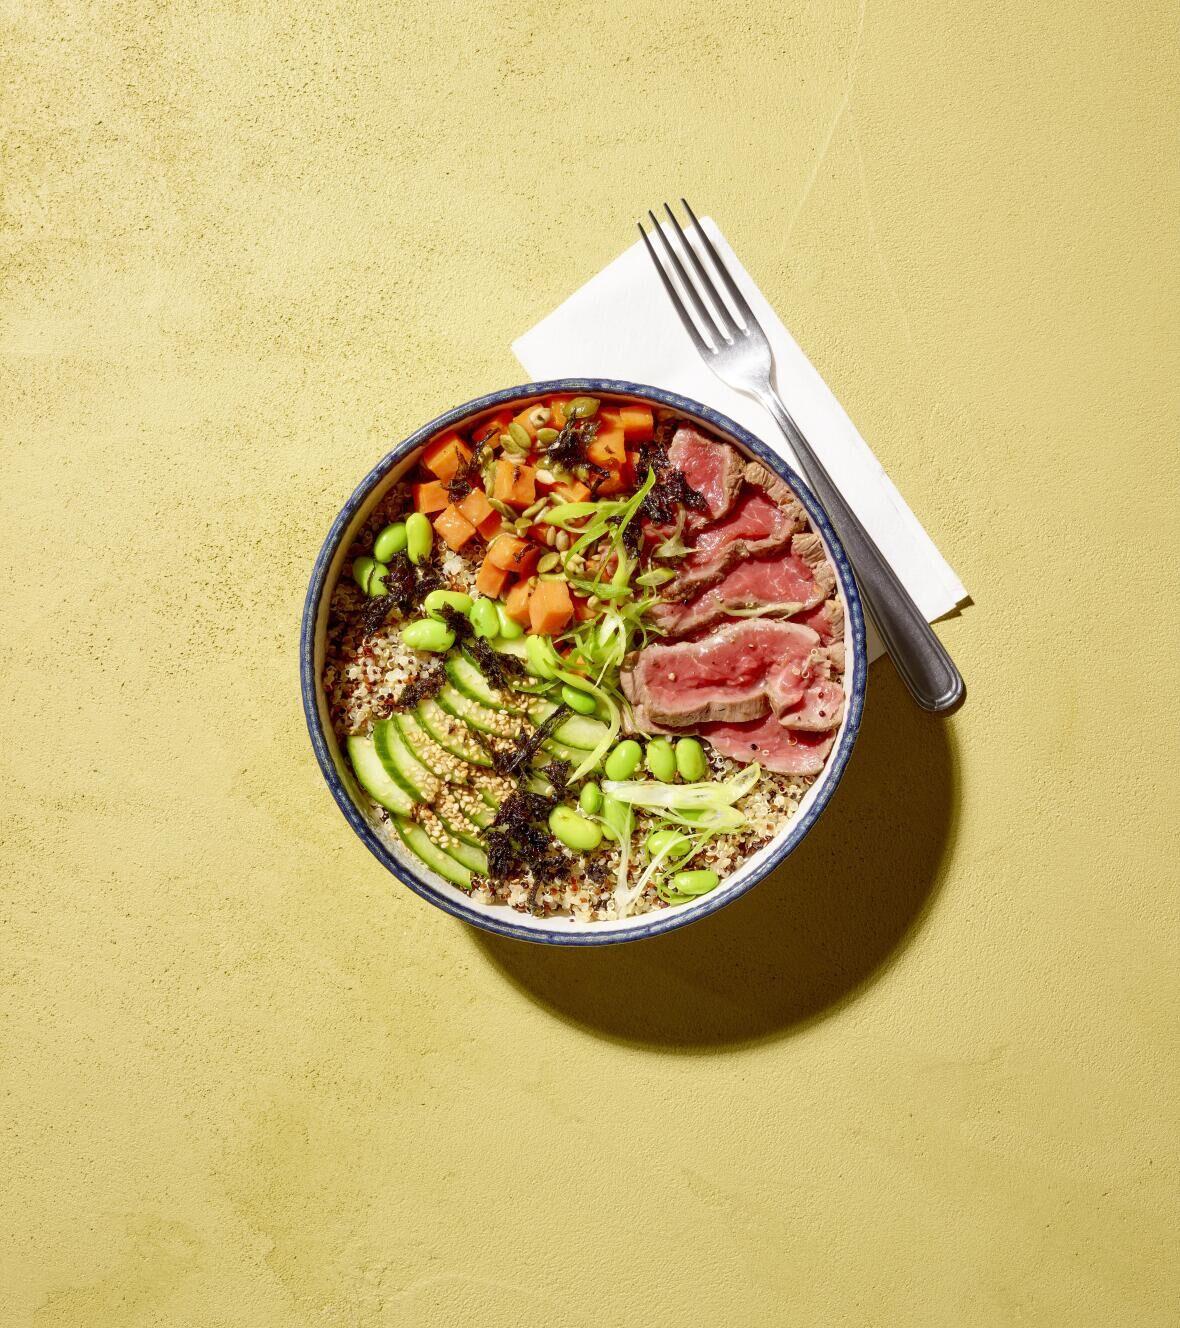 Recette Delhaize : Poké bowl au tataki de filet pur